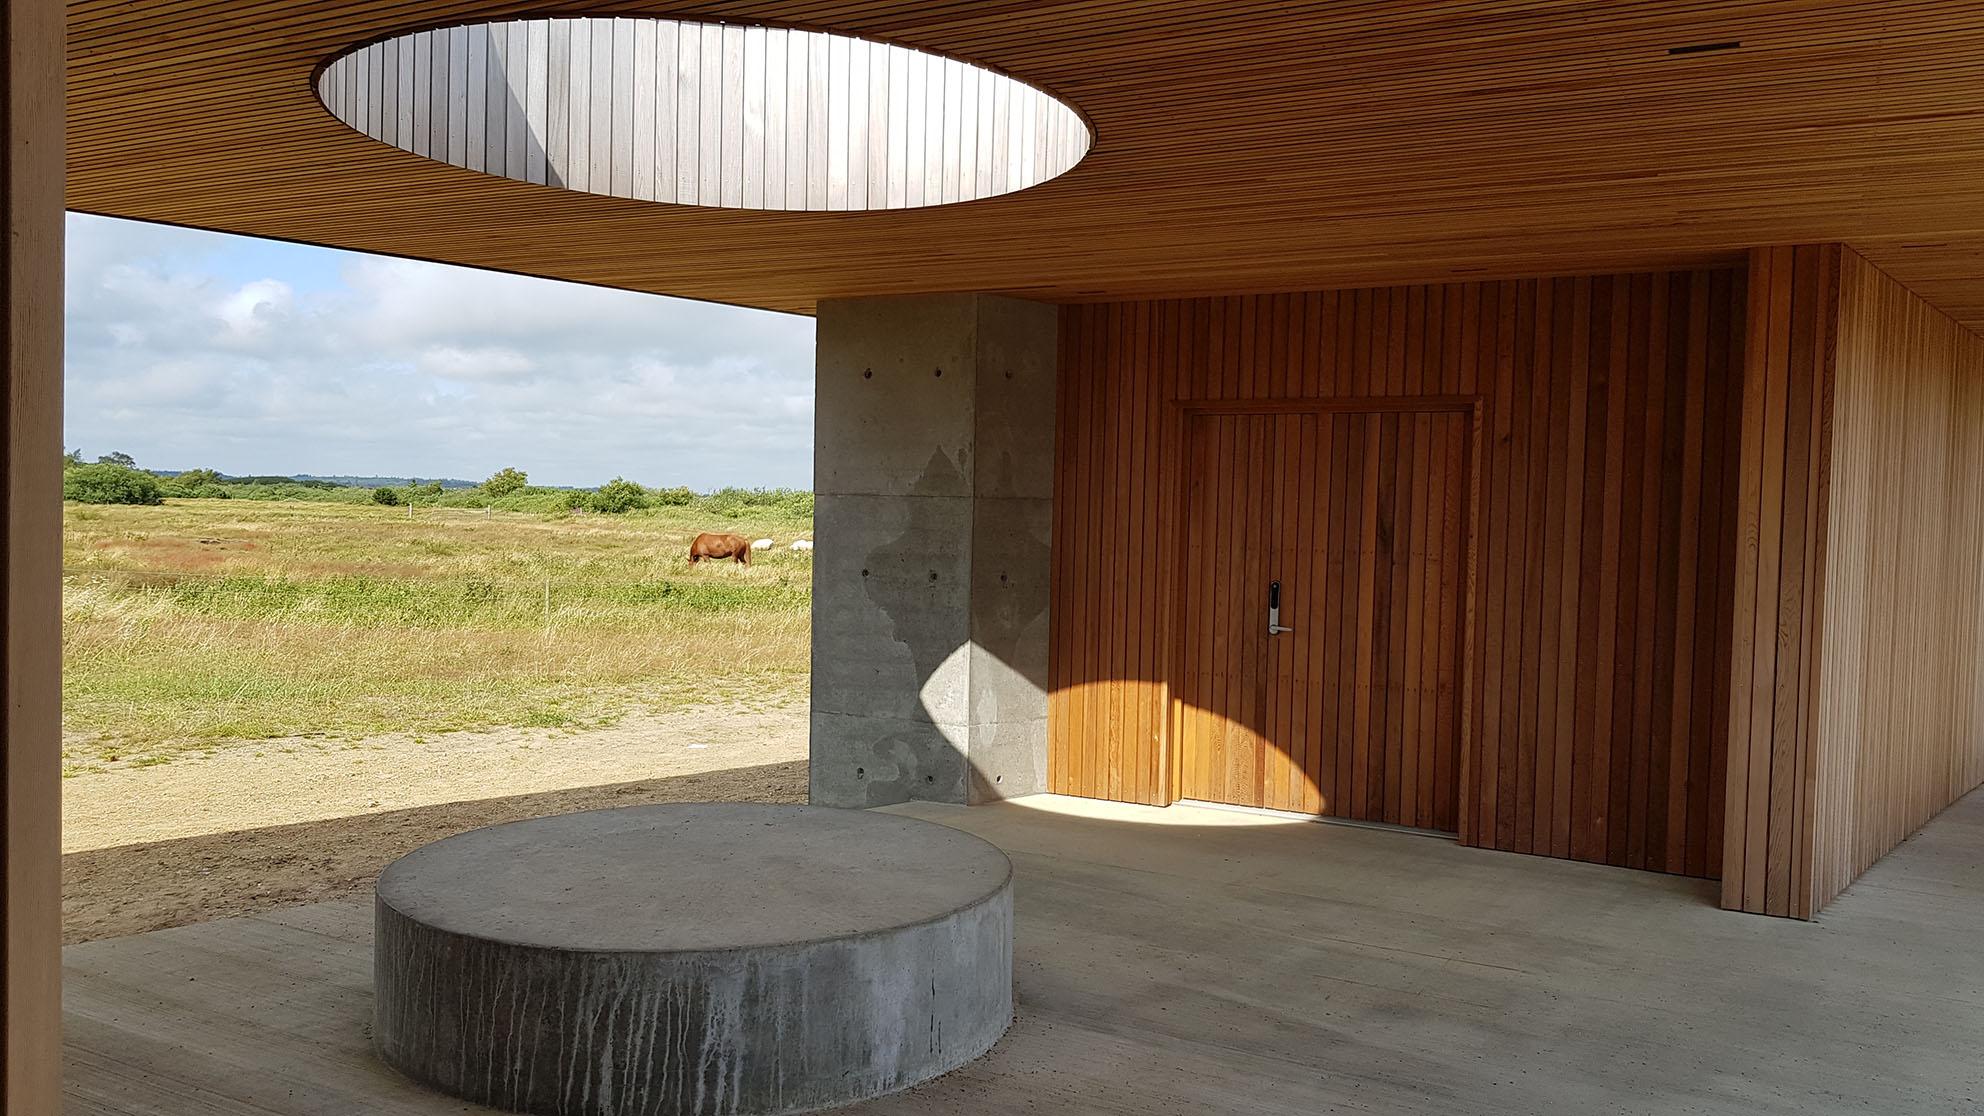 Udsigten i bygningerne er indrammet, så øjet ledes mod naturen og skaber mental tilgængelighed.